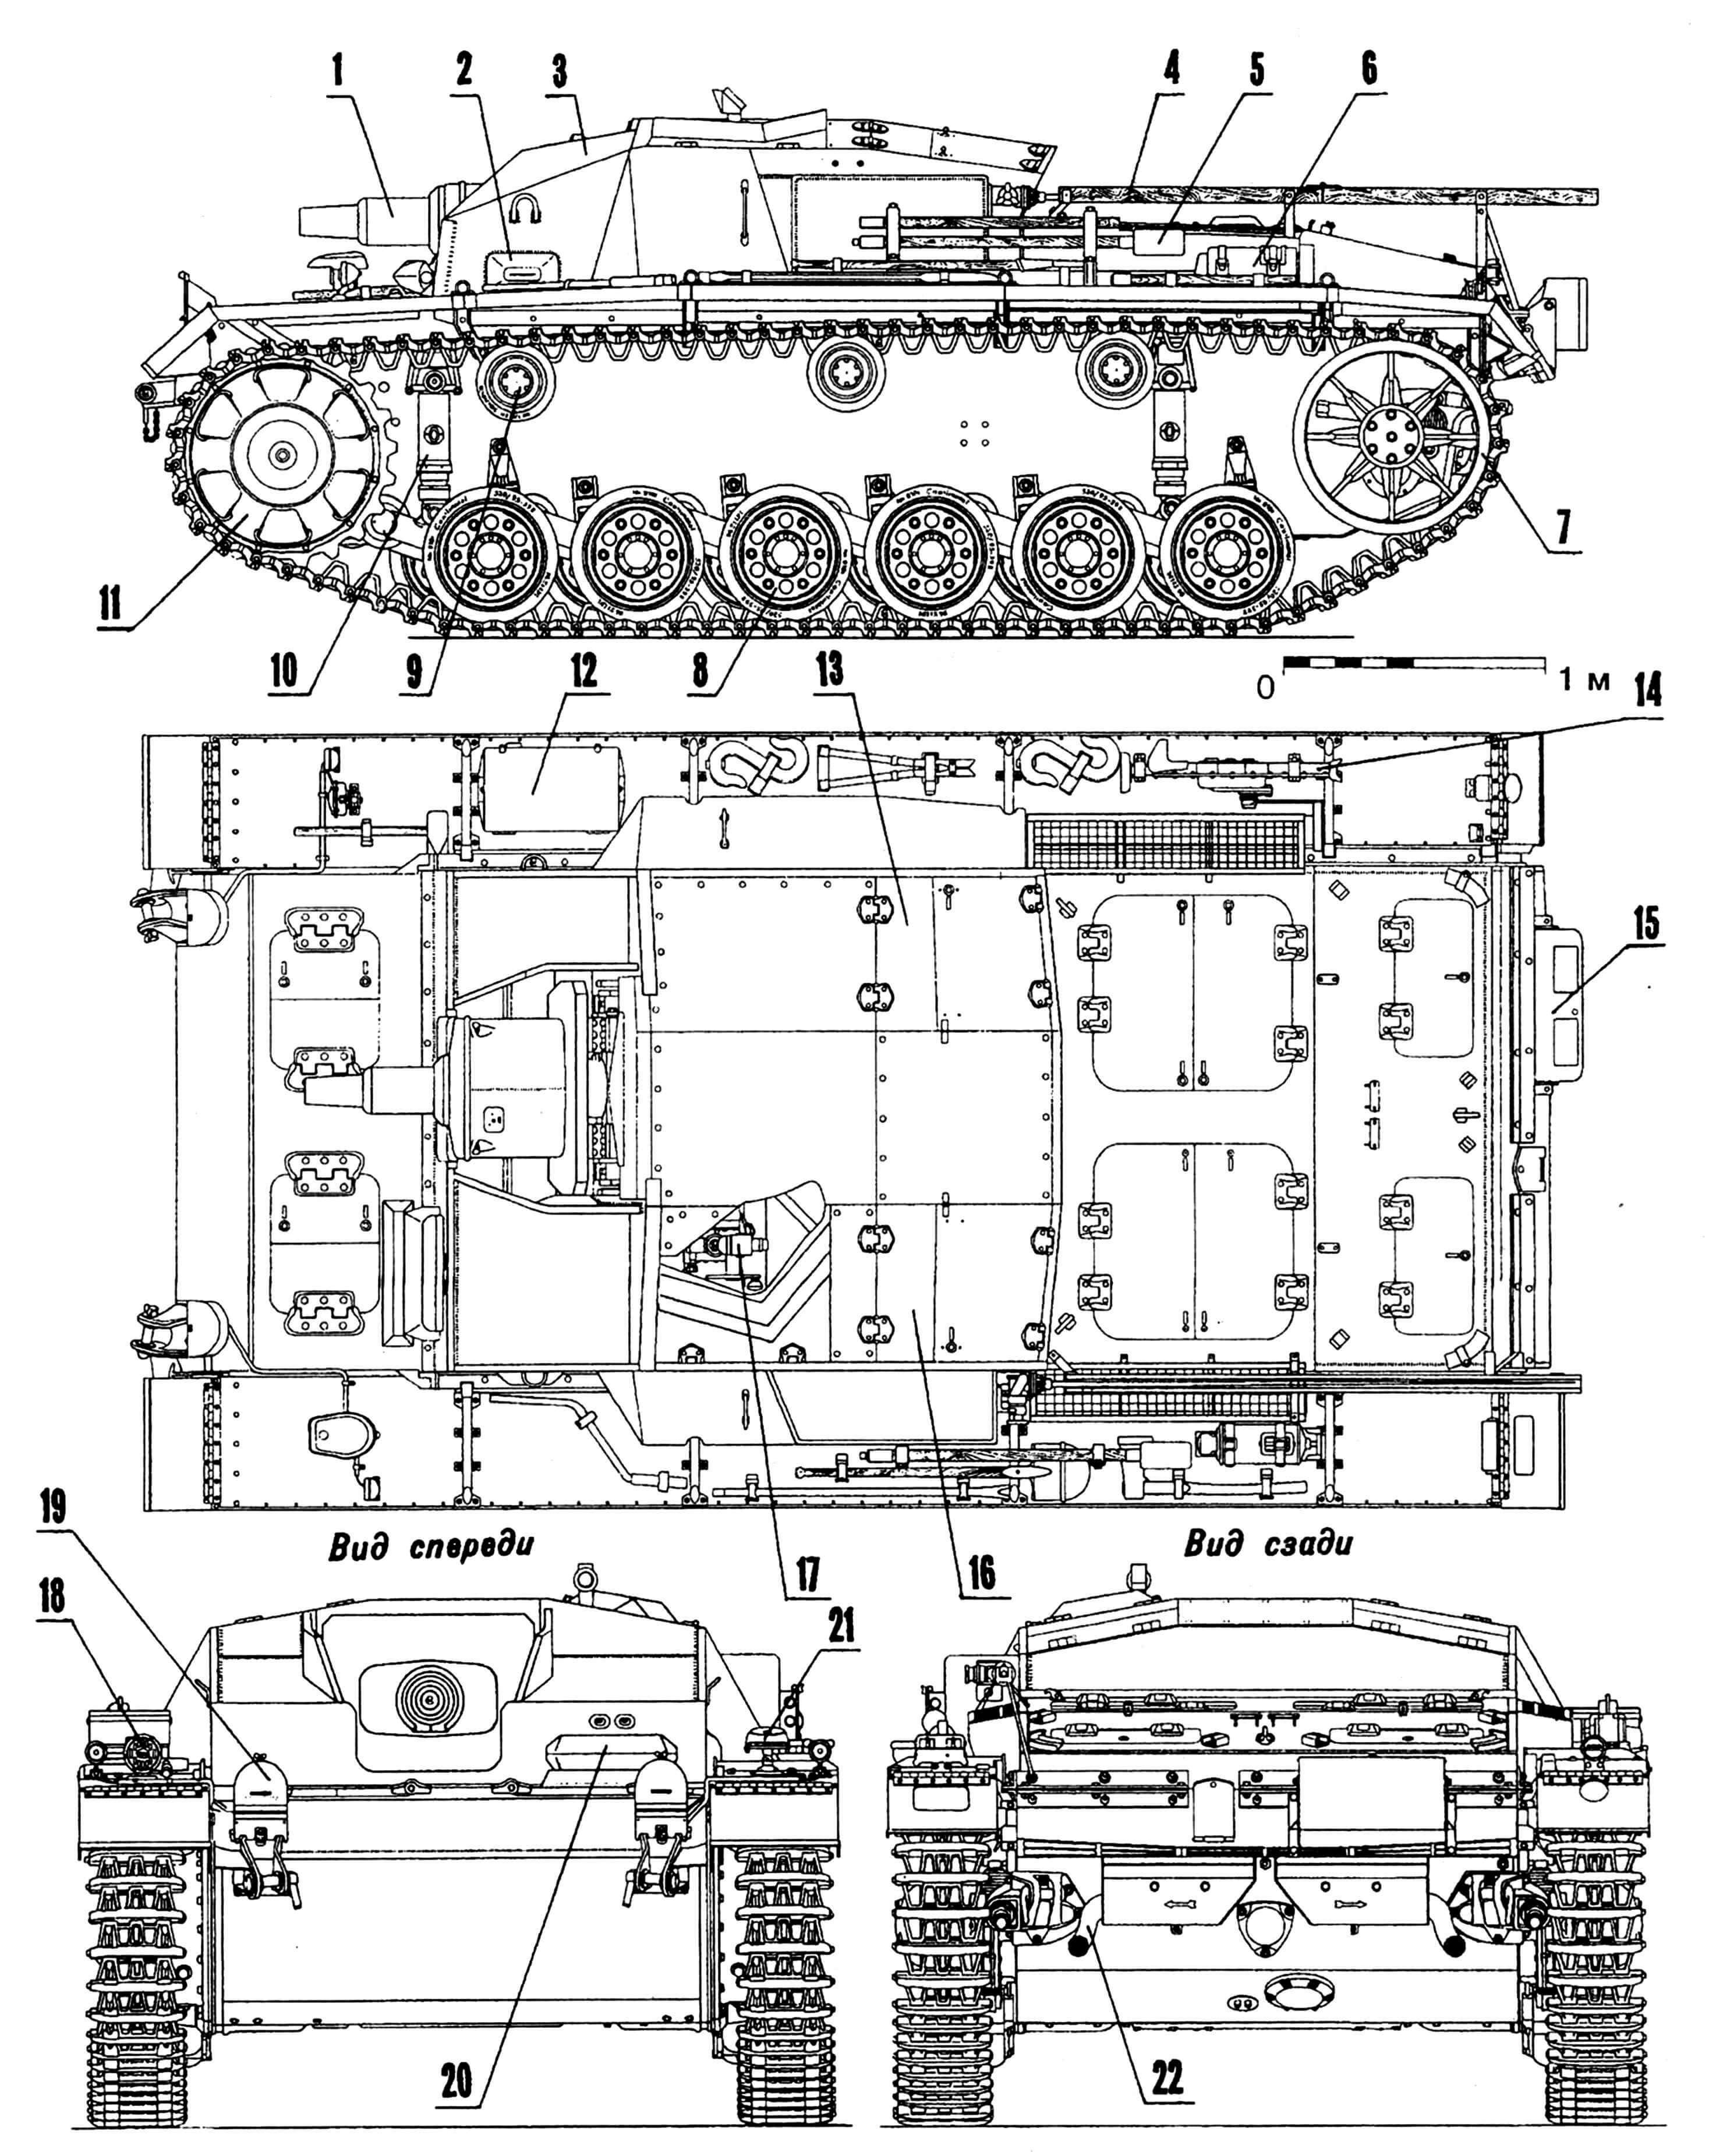 Самоходное штурмовое орудие StuG III Ausf. C/D: 1 — 75-мм пушка StuK 37; 2 — прибор наблюдения механика-водителя; 3 — рубка; 4 — желоб для укладки антенны; 5 — банник; 6 — огнетушитель; 7 — ленивец; 8 — каток опорный; 9 — каток поддерживающий; 10 — амортизатор; 11 — колесо ведущее; 12 — ящик для инструментов; 13 — люк заряжающего; 14 — домкрат; 15 — прибор дымопуска; 16 — люк командира; 17 — прицел; 18 — сигнал; 19 — кожух фары защитный; 20 — прибор наблюдения механика-водителя; 21 — фара Notek; 22 — патрубок выхлопной.